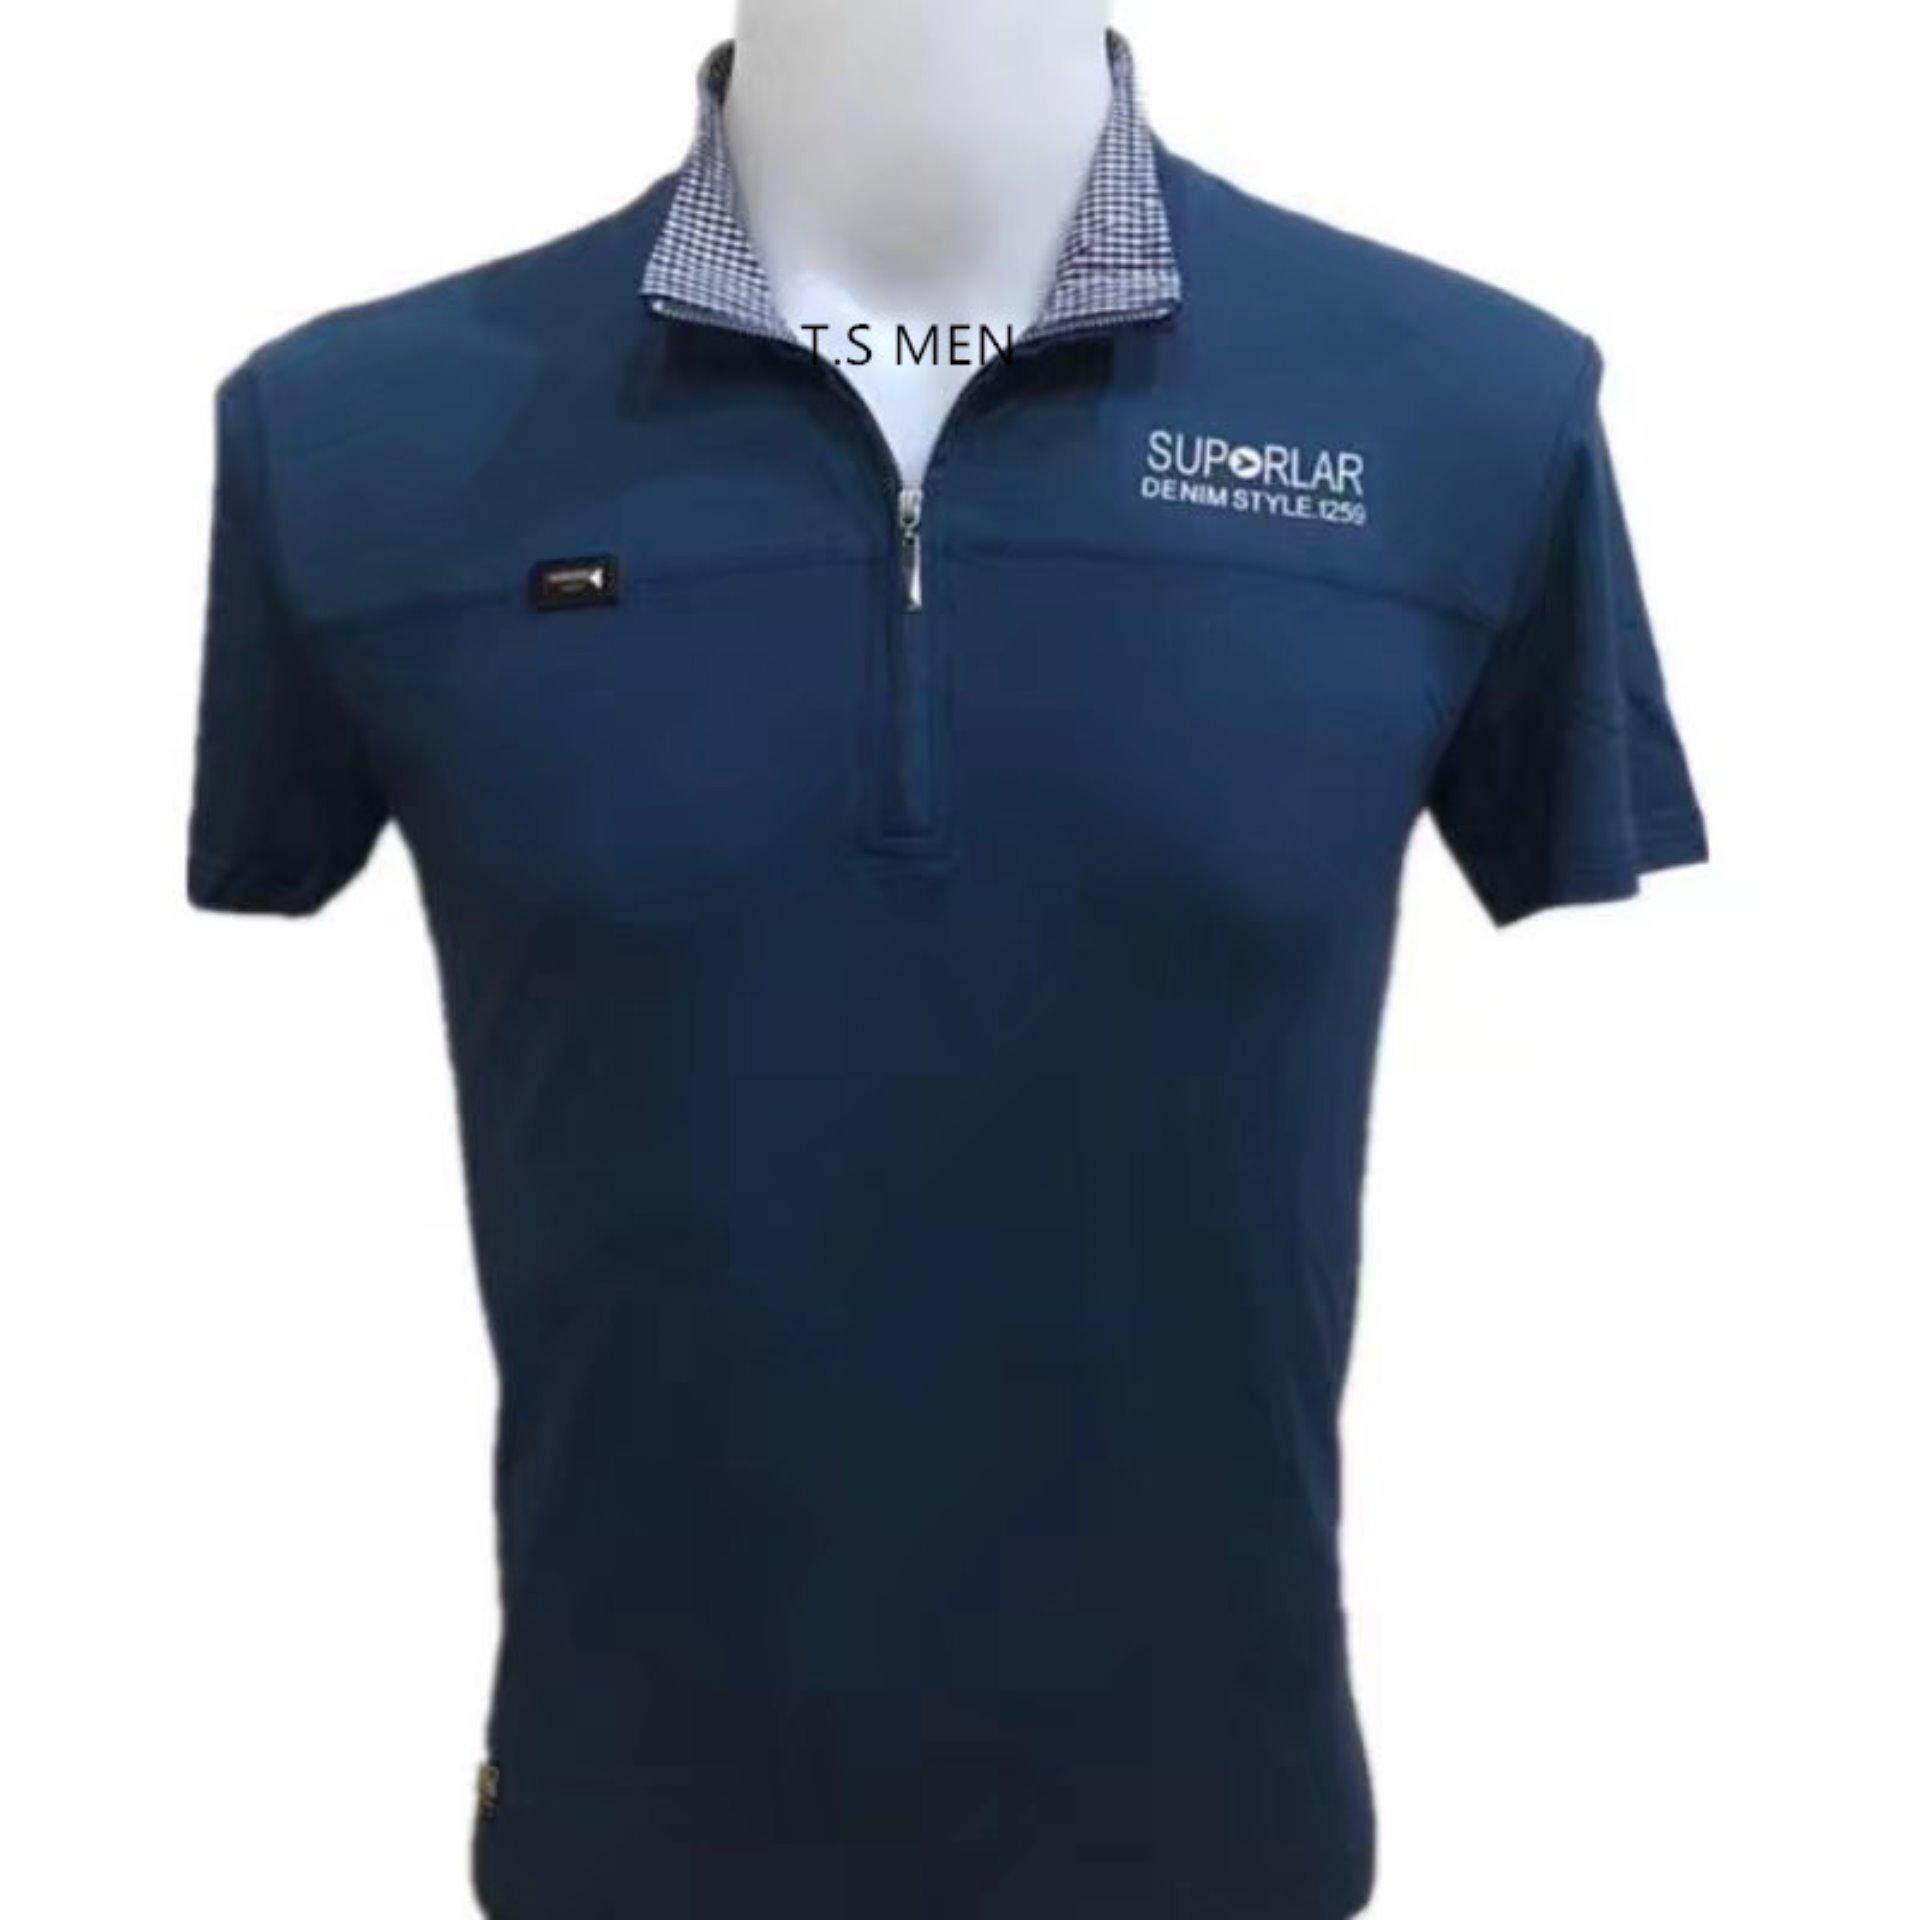 ขาย เสื้อยืดผู้ชายMen S T Shirtเสื้อยืดแฟชั่นผู้ชาย Polo Shirtเสื้อโปโล Oemgenuine ใน กรุงเทพมหานคร